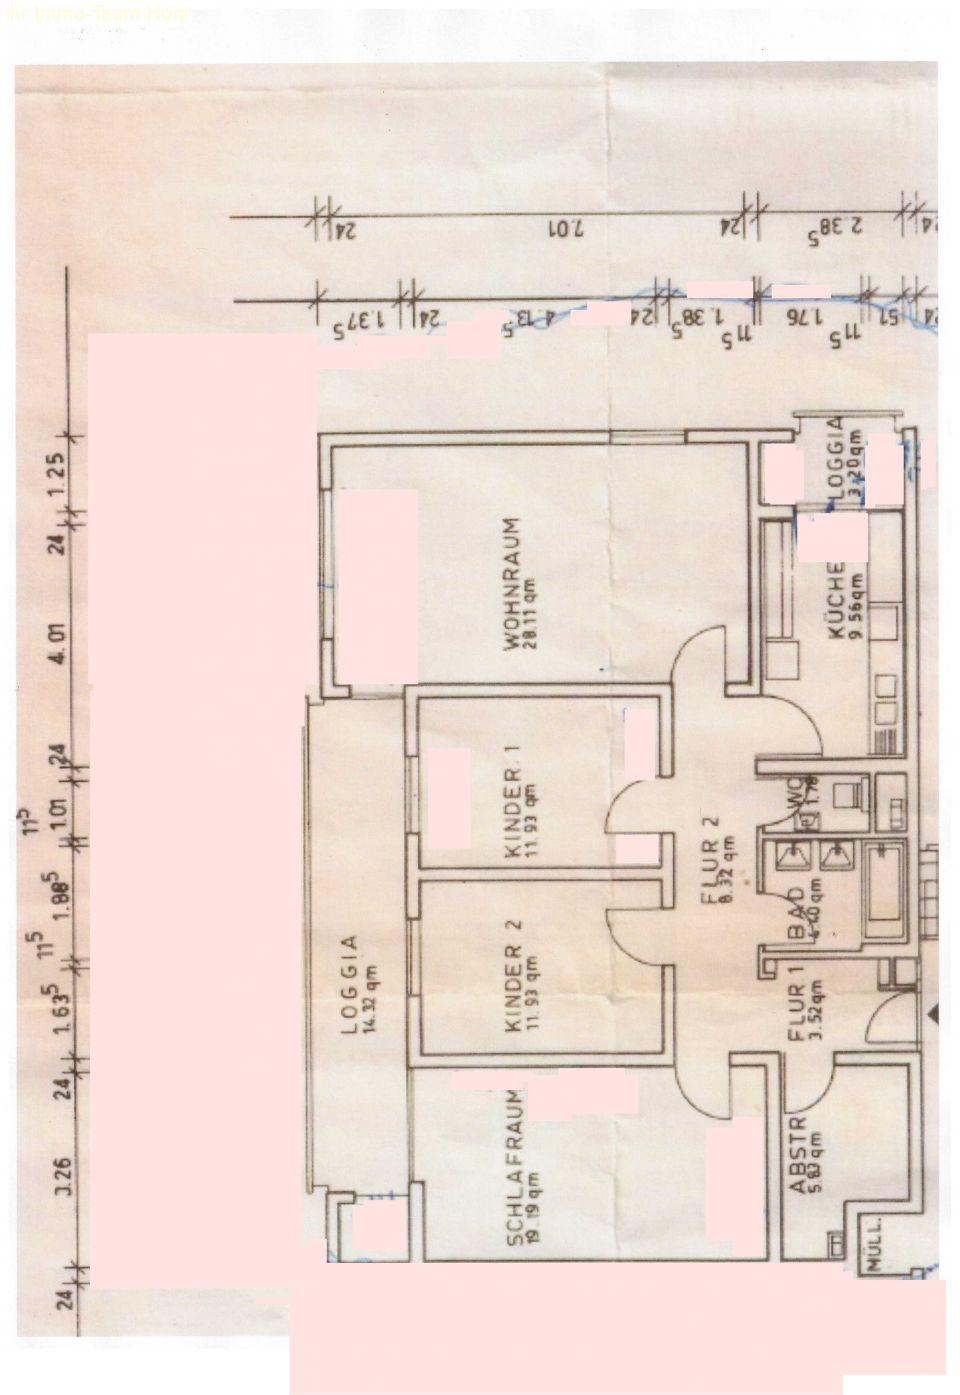 immobilien reutlingen handwerker aufgepasst das k nnte ihre wohnung werden. Black Bedroom Furniture Sets. Home Design Ideas